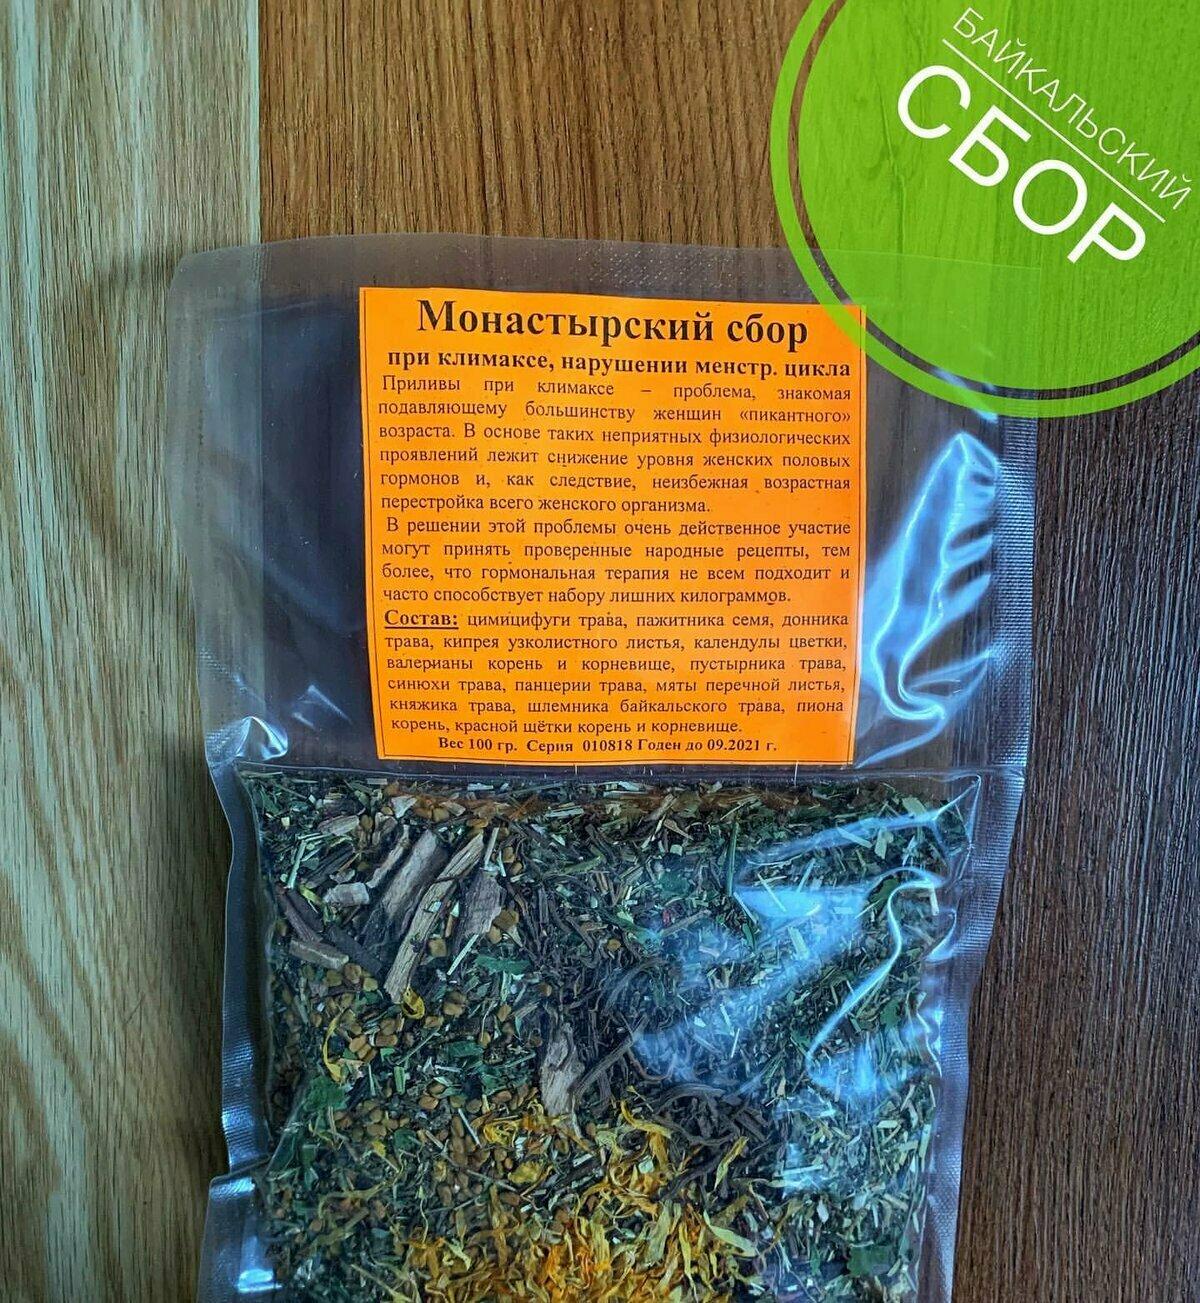 Монастырский чай при климаксе в Ноябрьске